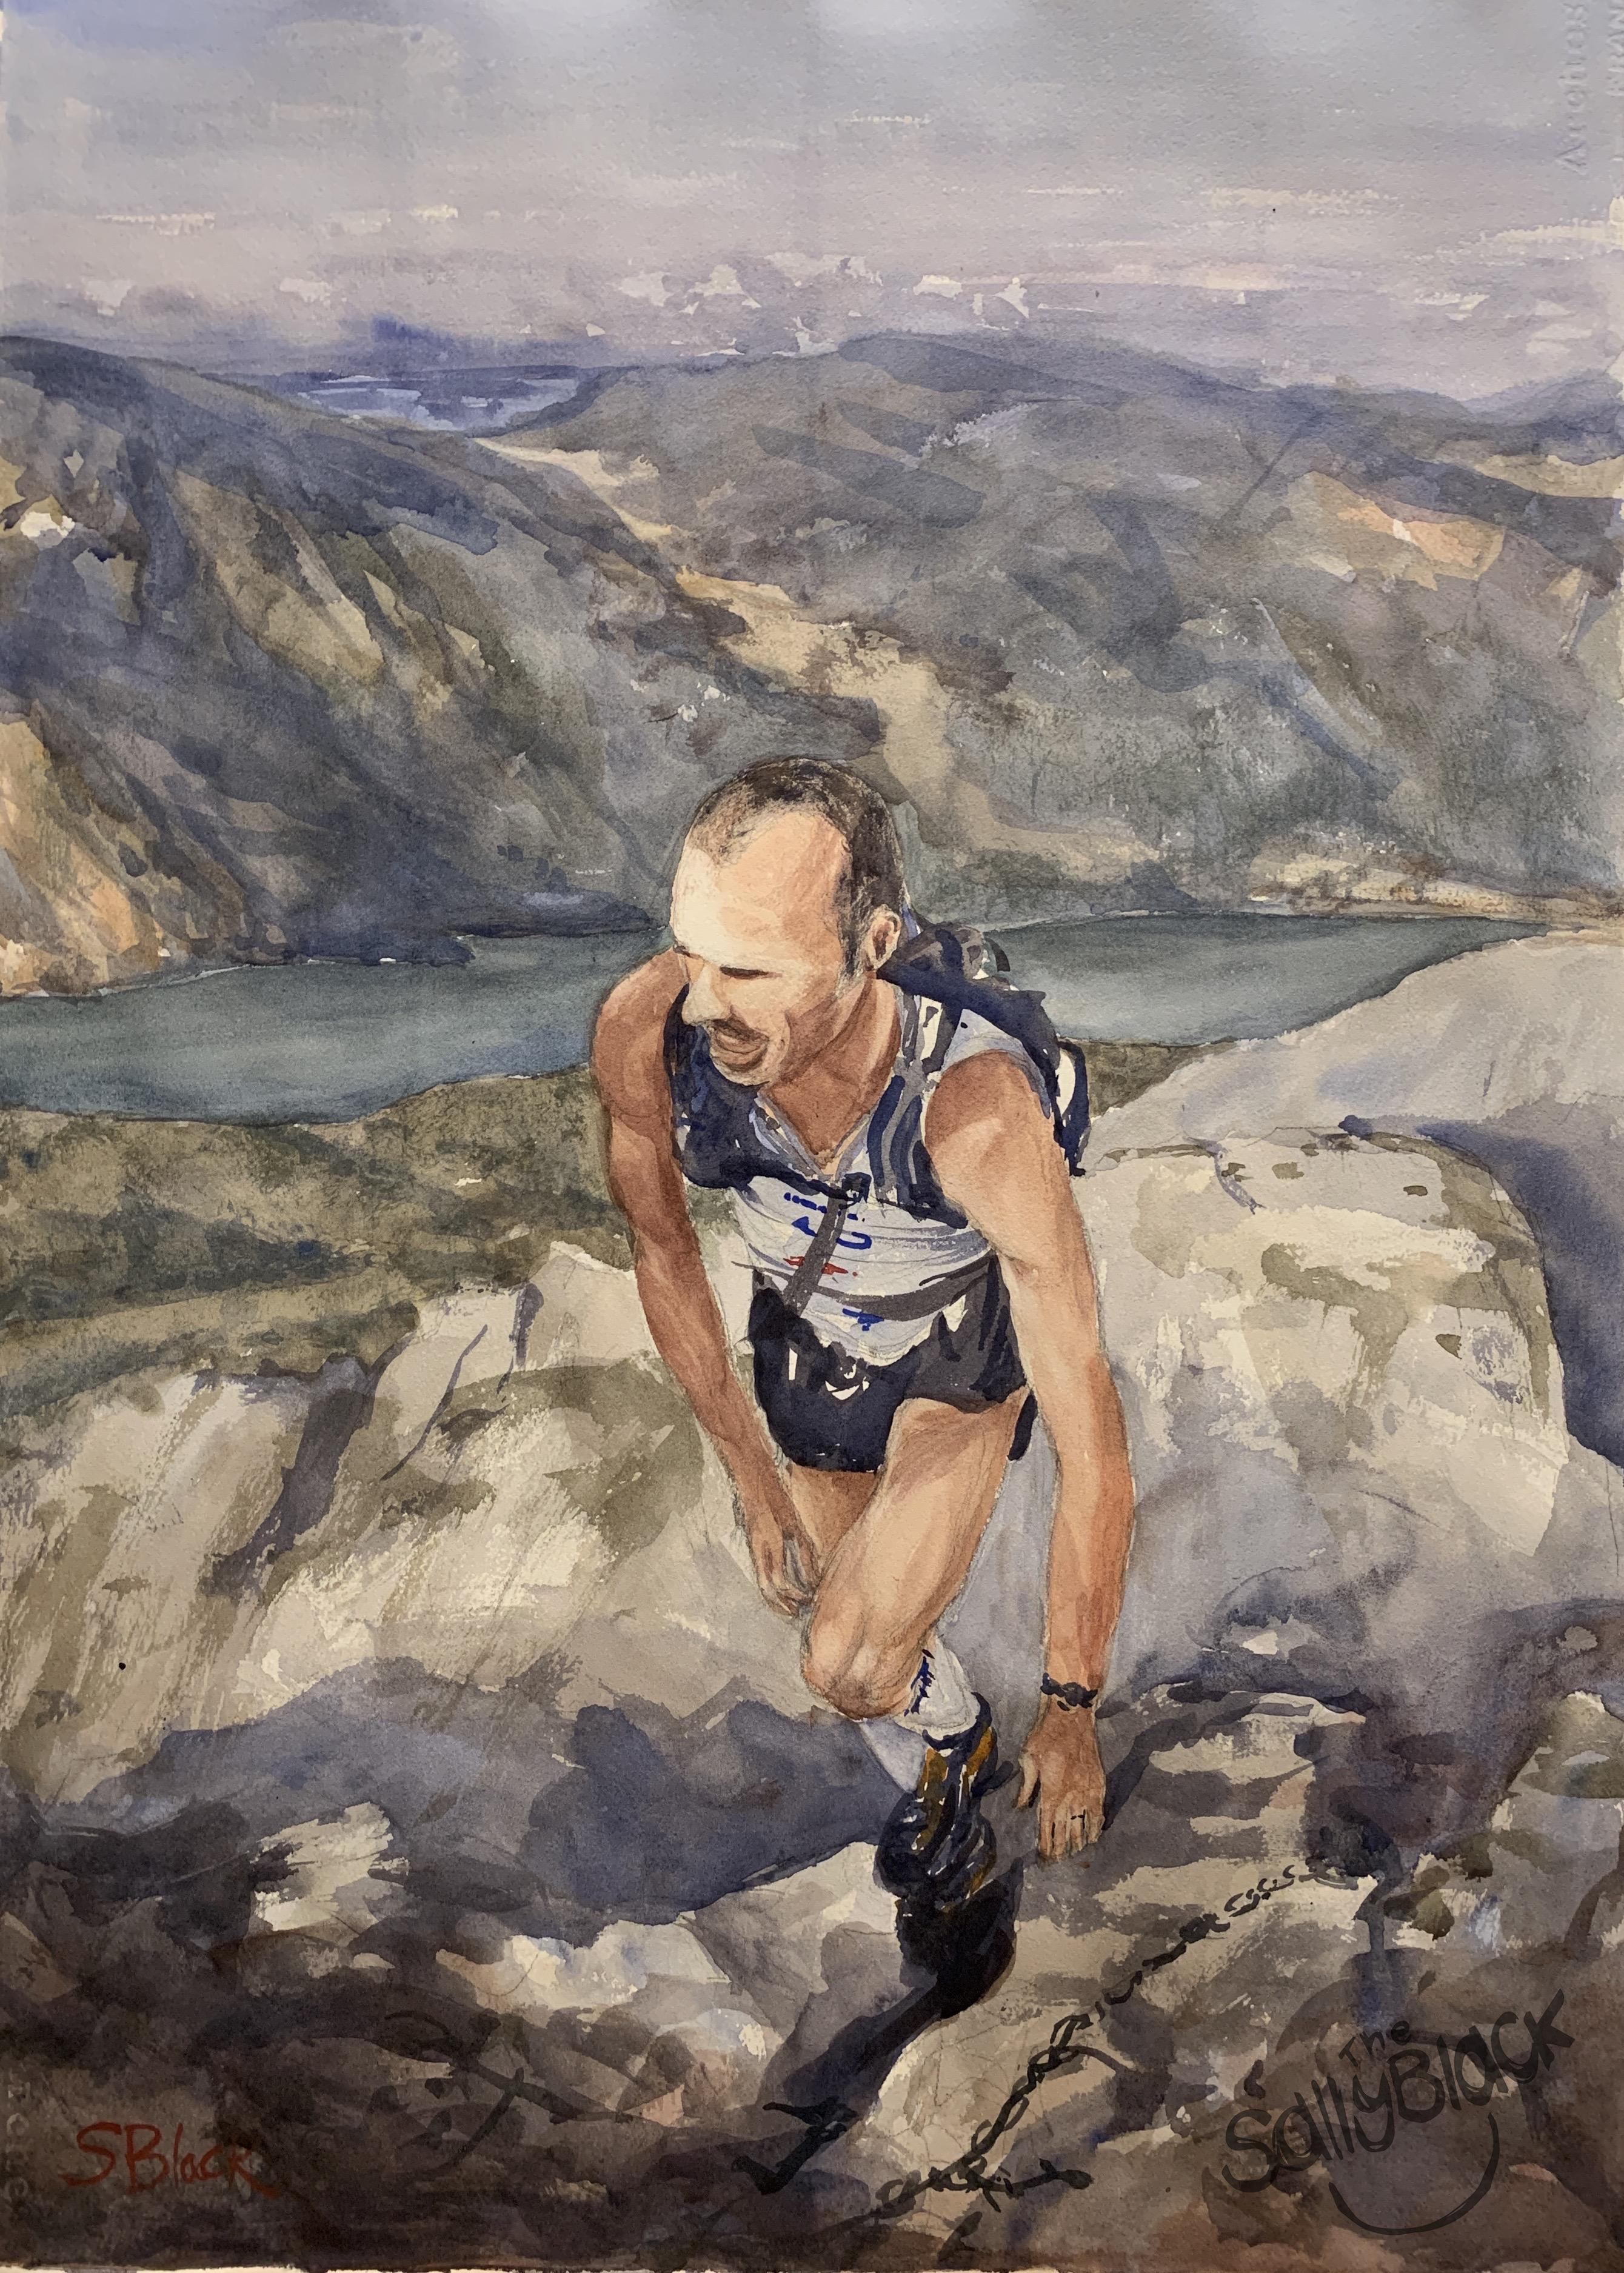 Mountain running- Italy